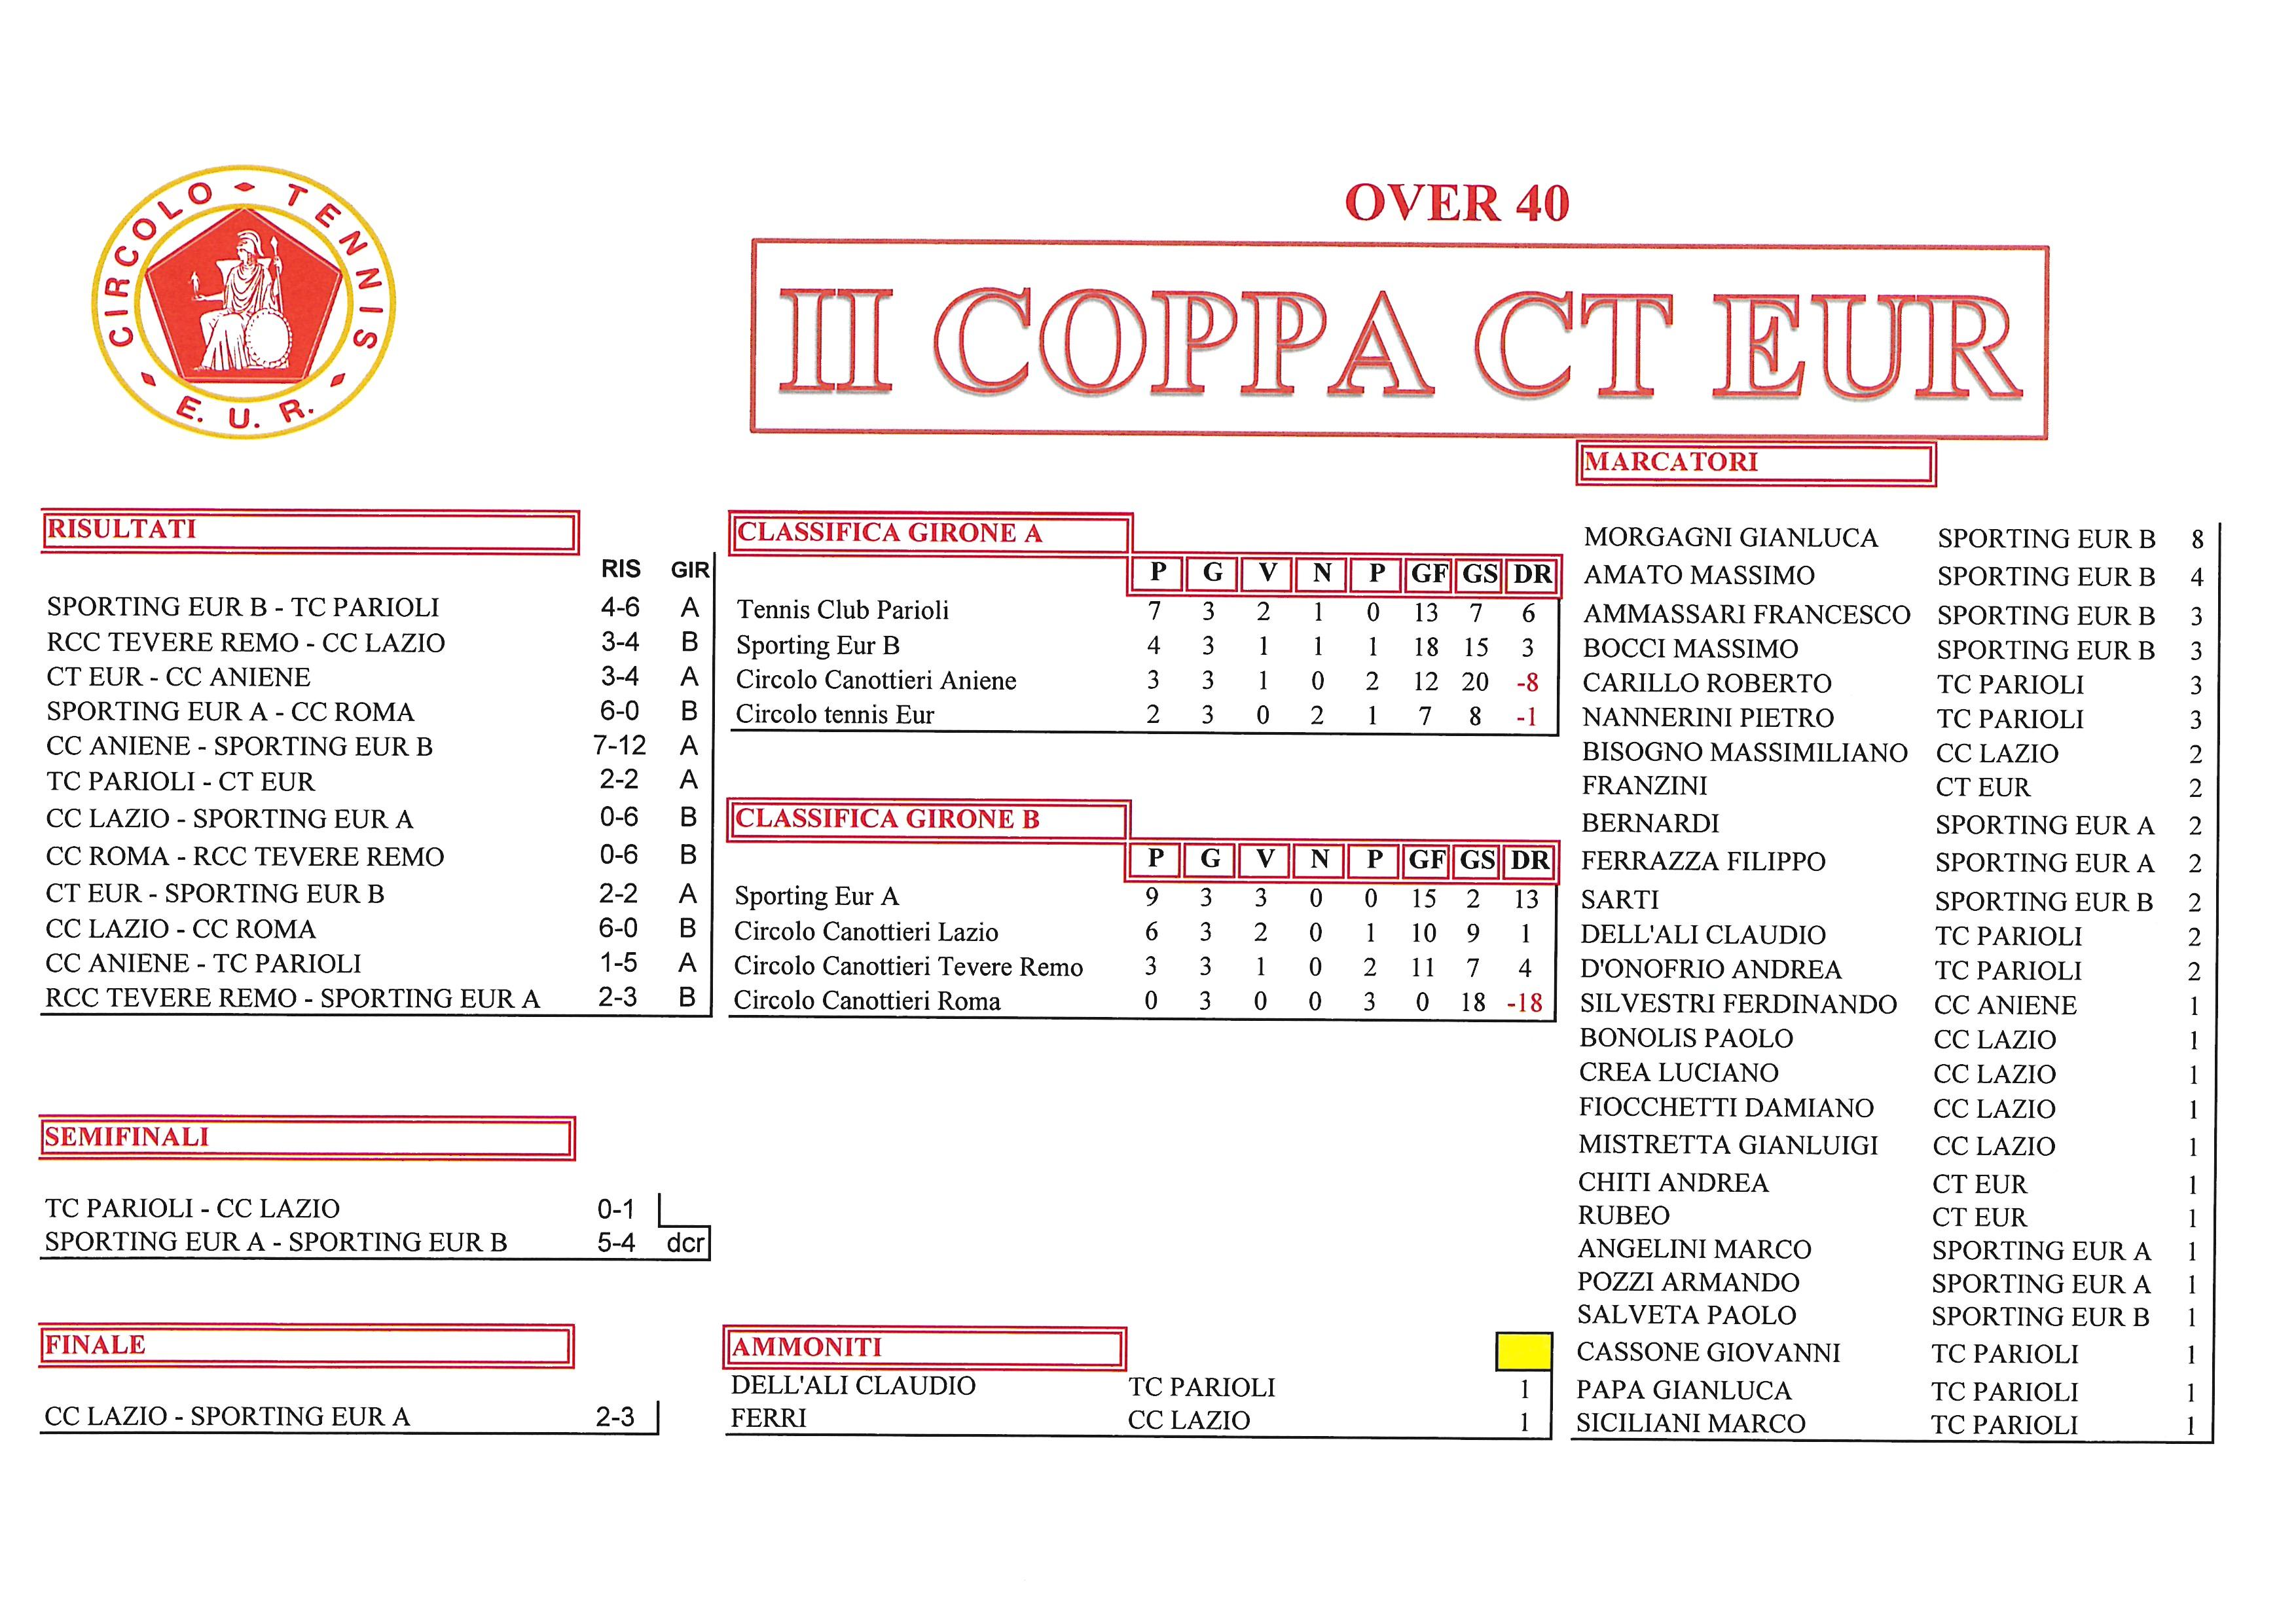 Coppa CT Eur risultati del 14 ottobre 2017 Finali Over 40